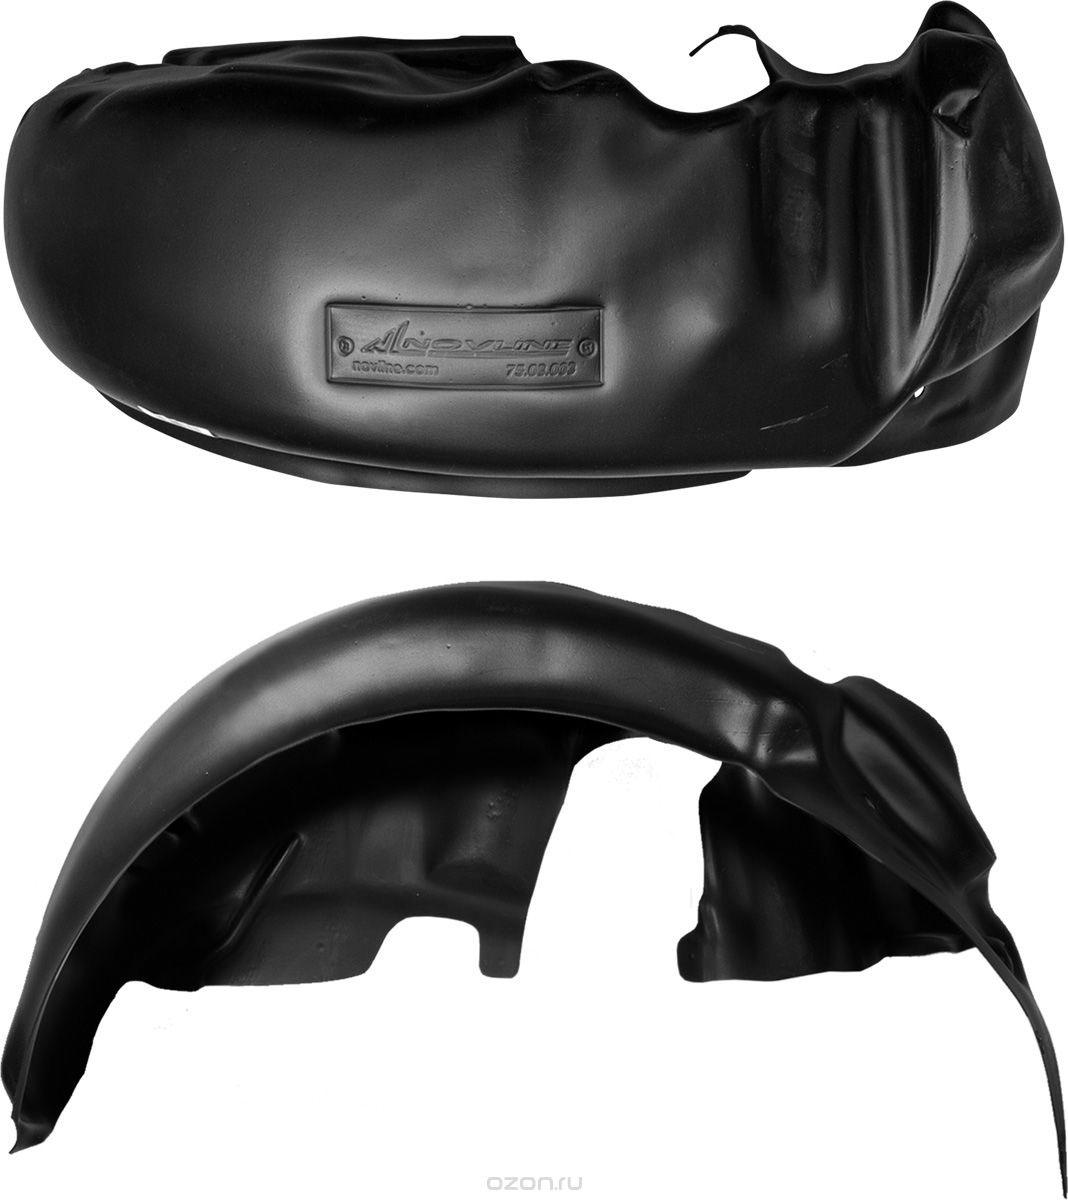 Подкрылок Novline-Autofamily, для Toyota Camry, 2011-2014, 2014->, передний правыйNLL.48.51.002Идеальная защита колесной ниши. Локеры разработаны с применением цифровых технологий, гарантируют максимальную повторяемость поверхности арки. Изделия устанавливаются без нарушения лакокрасочного покрытия автомобиля, каждый подкрылок комплектуется крепежом. Уважаемые клиенты, обращаем ваше внимание, что фотографии на подкрылки универсальные и не отражают реальную форму изделия. При этом само изделие идет точно под размер указанного автомобиля.